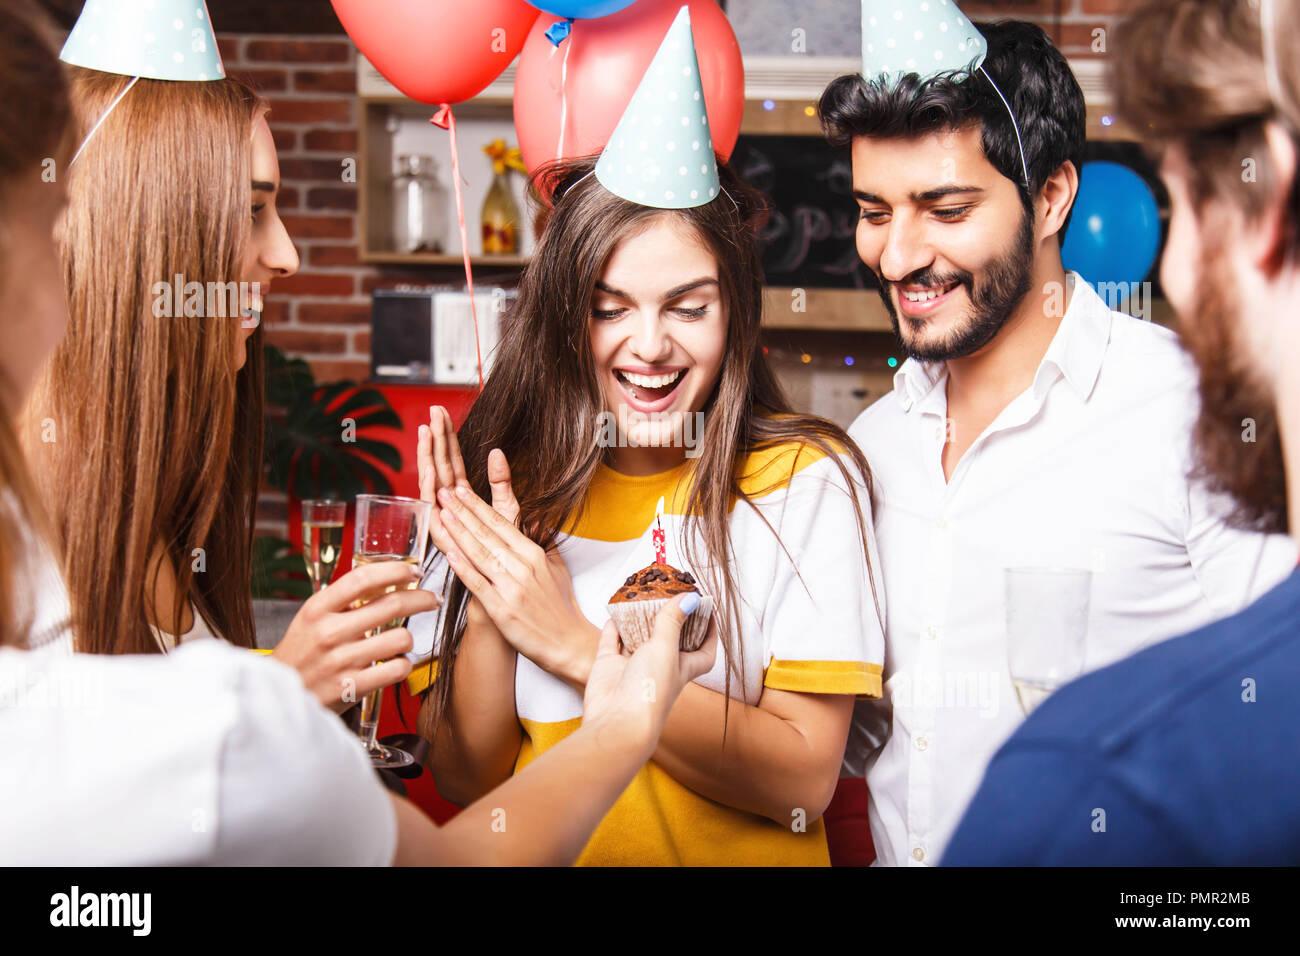 Gli amici si congratula con bruna ragazza di compleanno in party hat con cupcake, Lei sentirsi sorpreso Immagini Stock